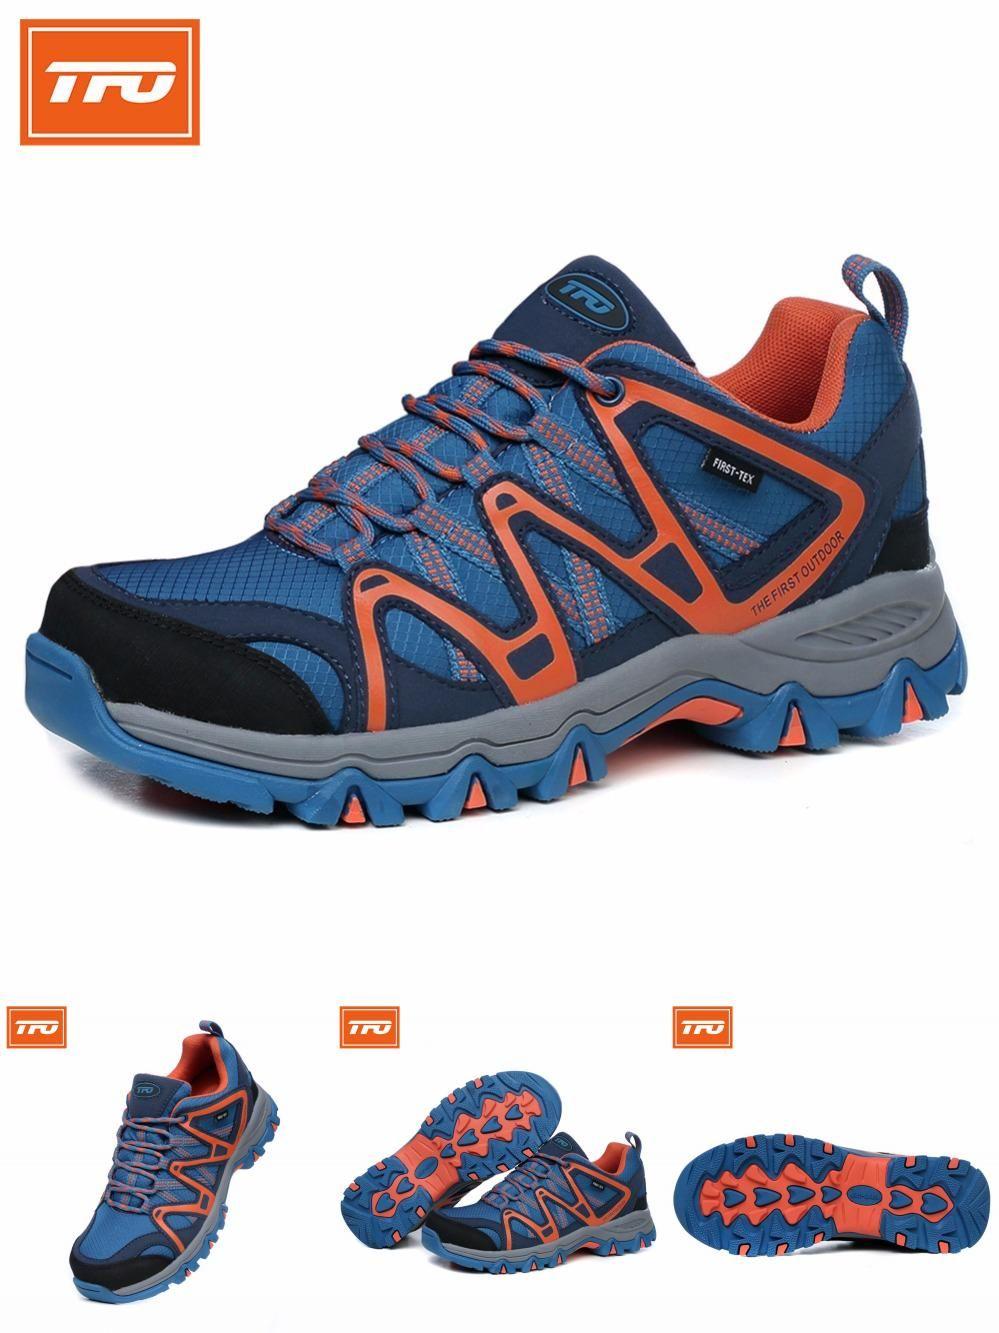 10d84fd185d Visit to Buy] TFO Men Trekking Shoes Outdoor Hiking Waterproof ...